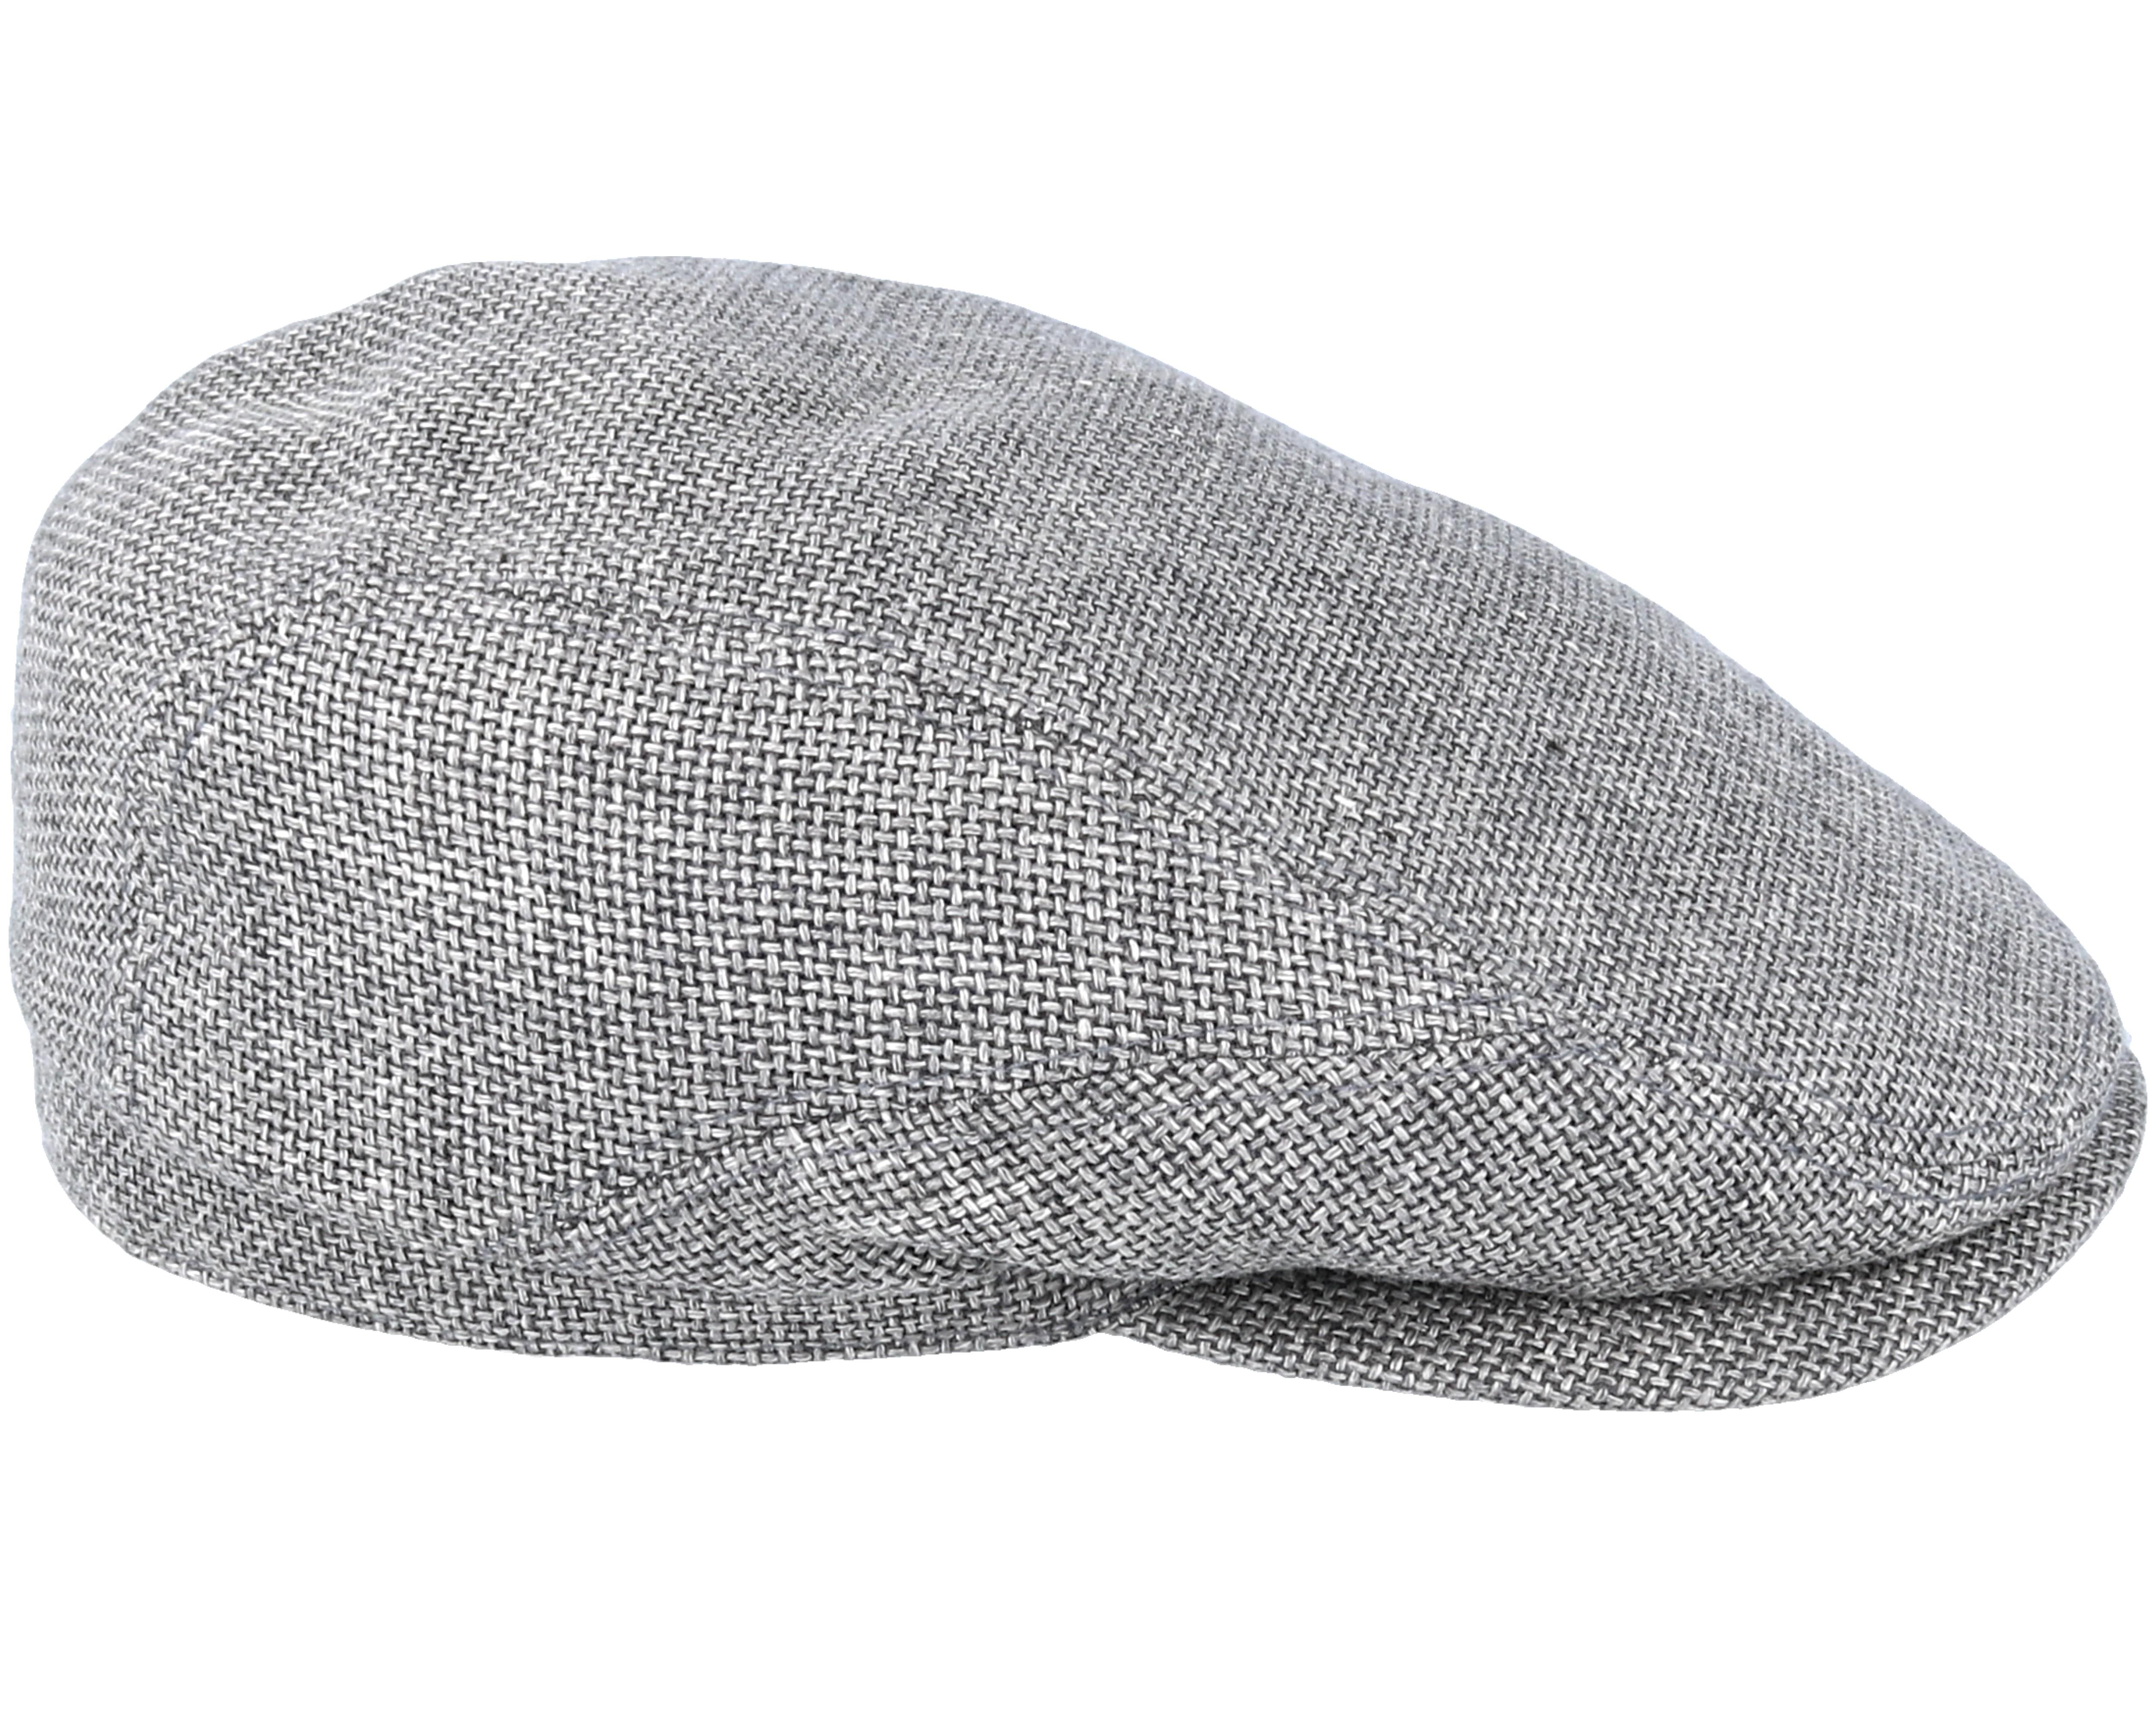 Driver Cap Virgin Wool Linen Sonstige Flatcap Stetson